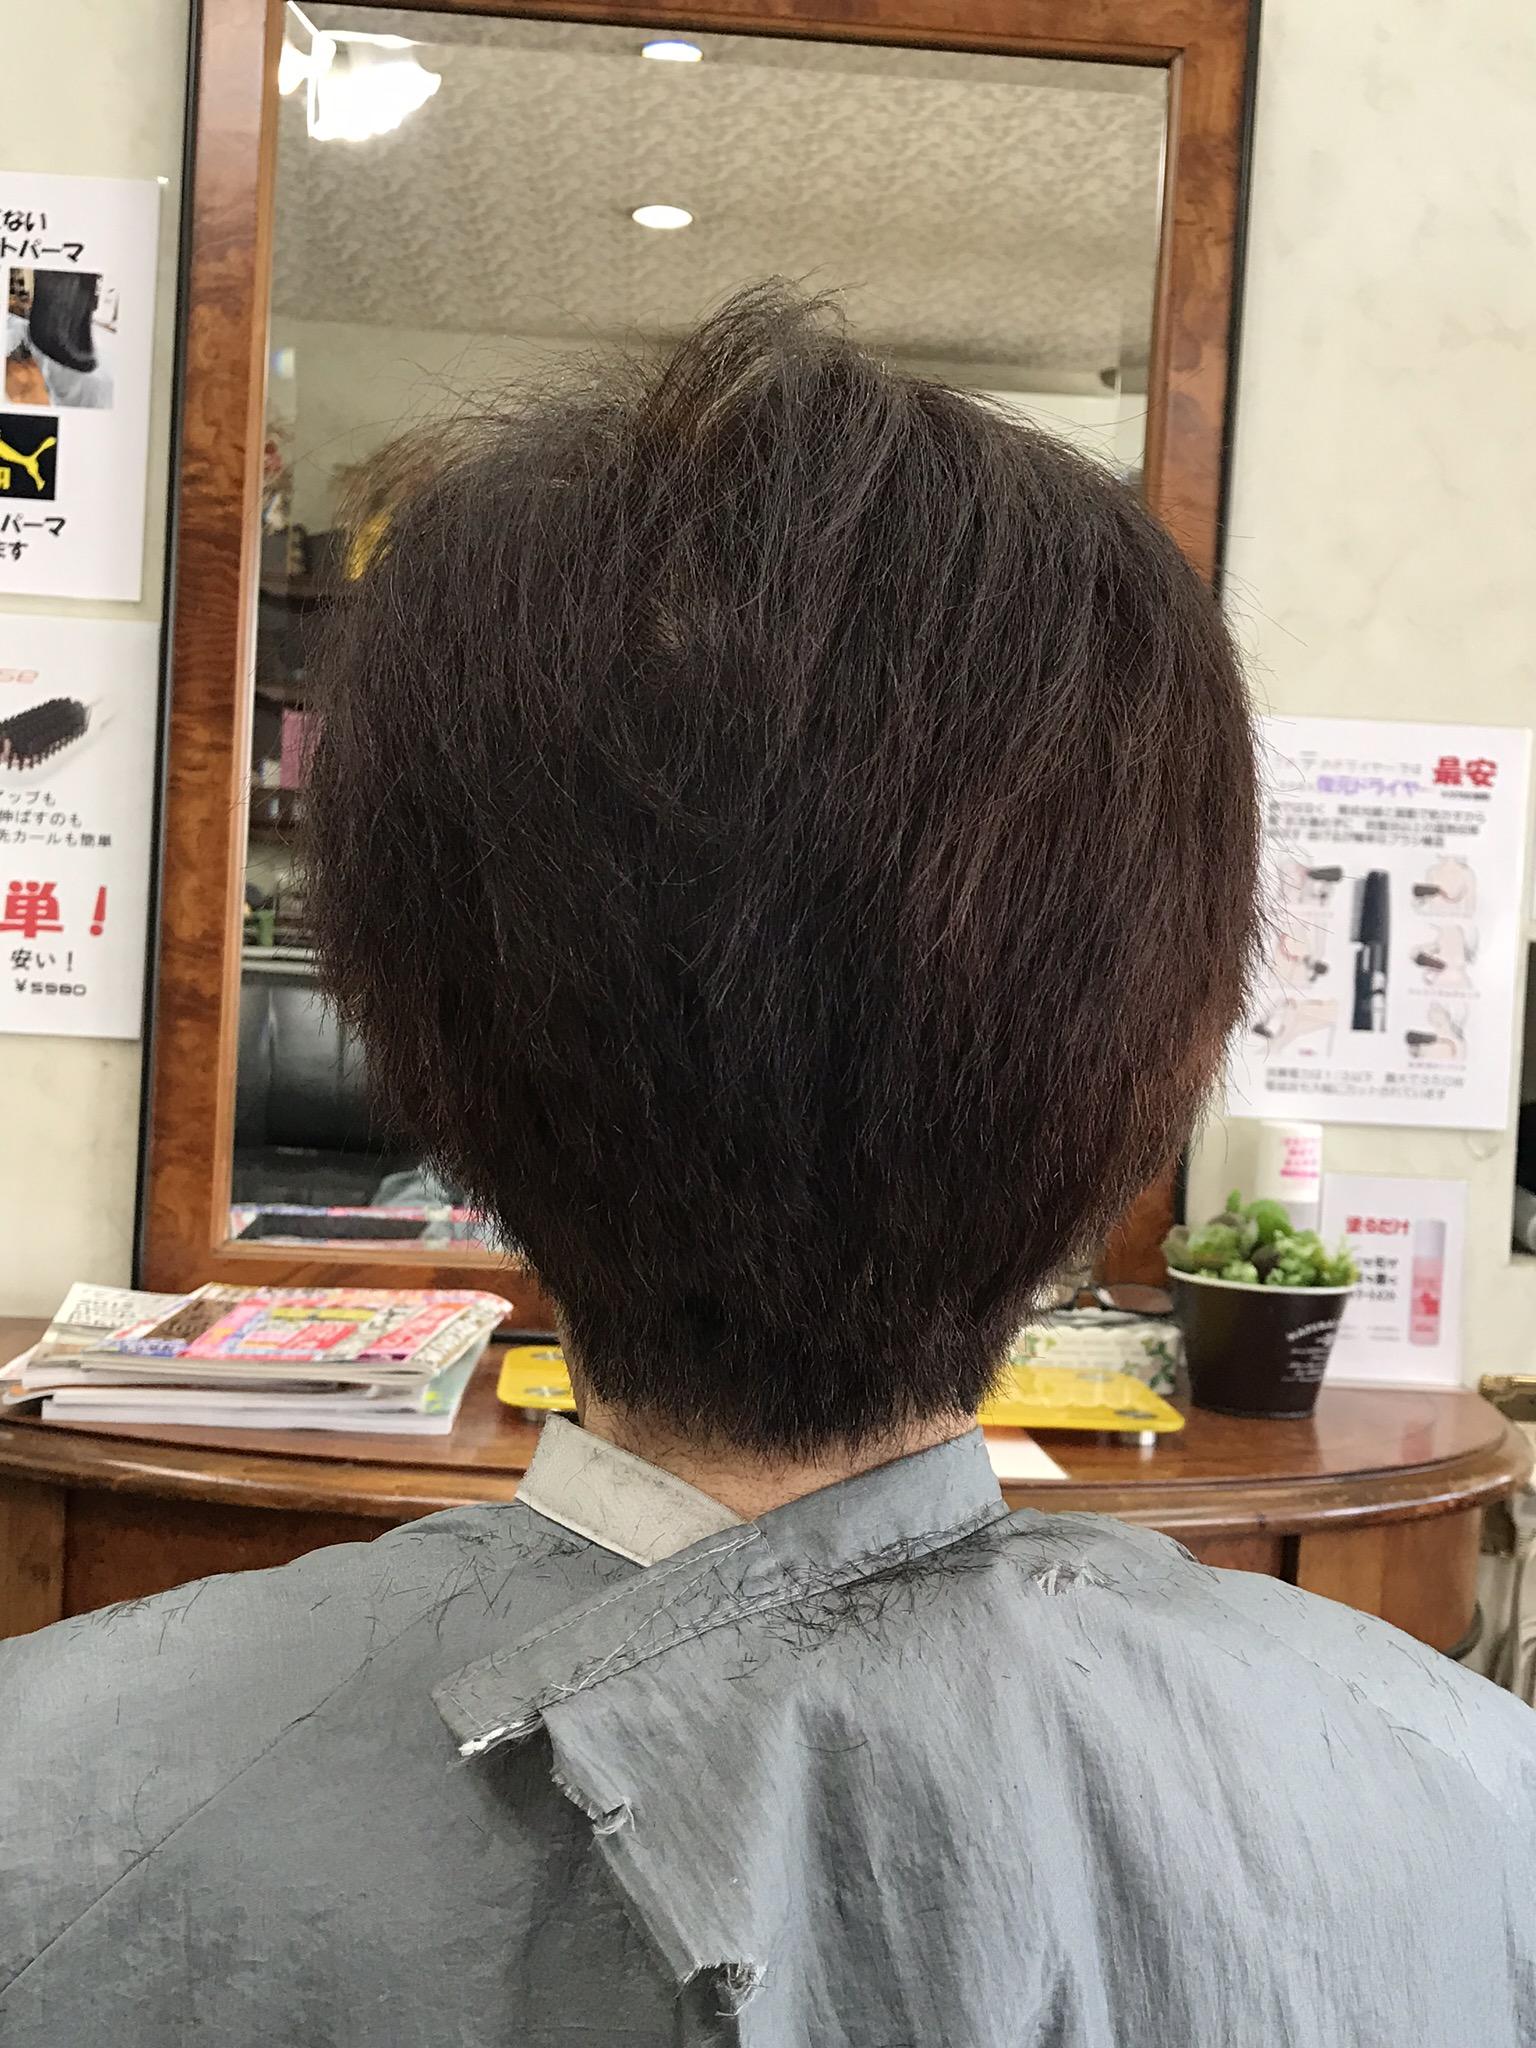 縮毛・波状毛・多毛のショート カットだけで収めるには要らない重なりを・・・